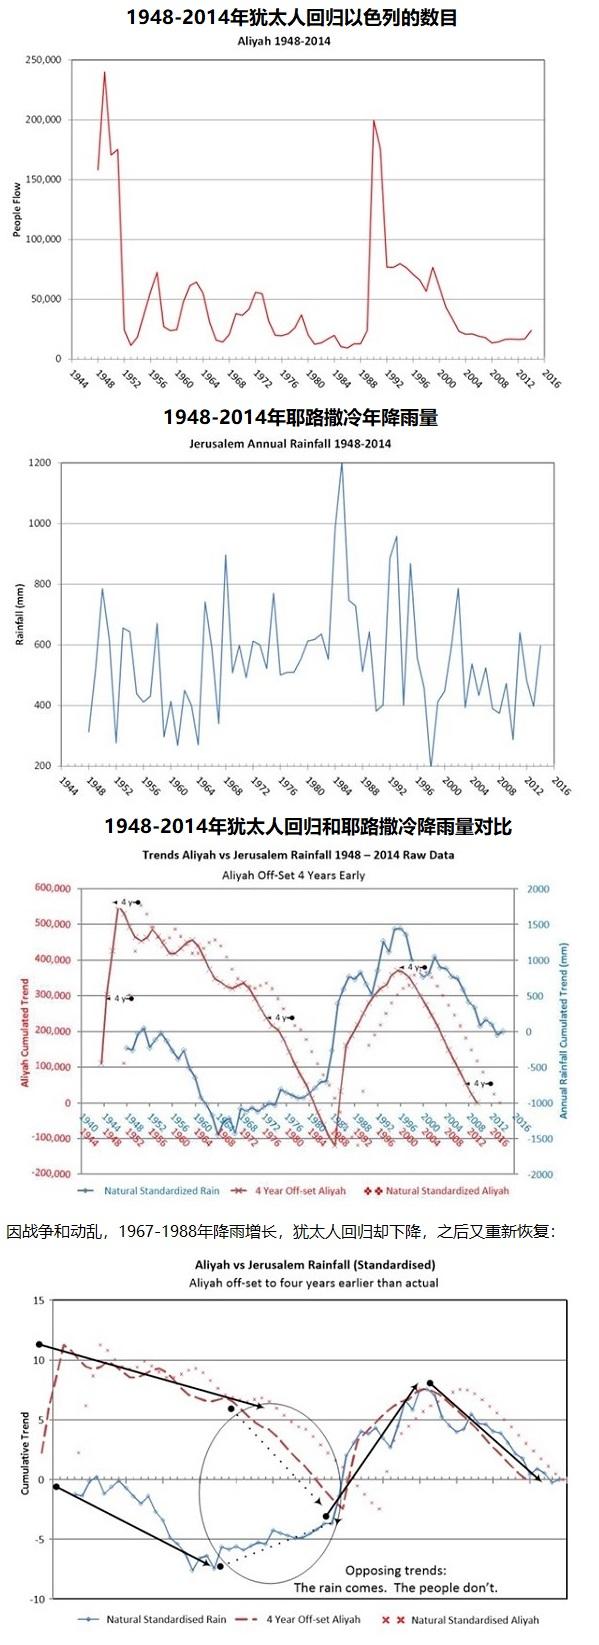 上图:犹太人回归和耶路撒冷年降雨量的对比,由澳大利亚工程师Gary Auld根据以色列气象中心(Israel Meteorology Center)的数据制作。以上图表表明,耶路撒冷降雨量的增长总是与犹太人回归的数量一致或提前发生,其中1948年(以色列复国)和1991年(苏联解体)是犹太人回归的两次高峰。正如神所应许的:「你们若留意听从我今日所吩咐的诫命,爱耶和华你们的神,尽心尽性事奉祂,祂必按时降秋雨春雨在你们的地上」(申十一13-14)。 迦南地并没有足够的河流用作灌溉,如果没有按时、足够的秋雨和春雨,必然会发生旱灾。主后2世纪犹太人被驱离以后,降雨逐渐减少,19世纪的巴勒斯坦已经成了荒凉的干旱和半干旱地区,不适合人类的居住和繁衍。1857年英国领事James Finn写道:「这个国家几乎没有居民,因此最大的需要是人口。The country is in a considerable degree empty of inhabitants and therefore its greatest need is of a body of population」。19世纪末犹太人逐渐开始回归,当地的雨量逐渐恢复,今天的以色列又成了「流奶与蜜之地」(出三8)。